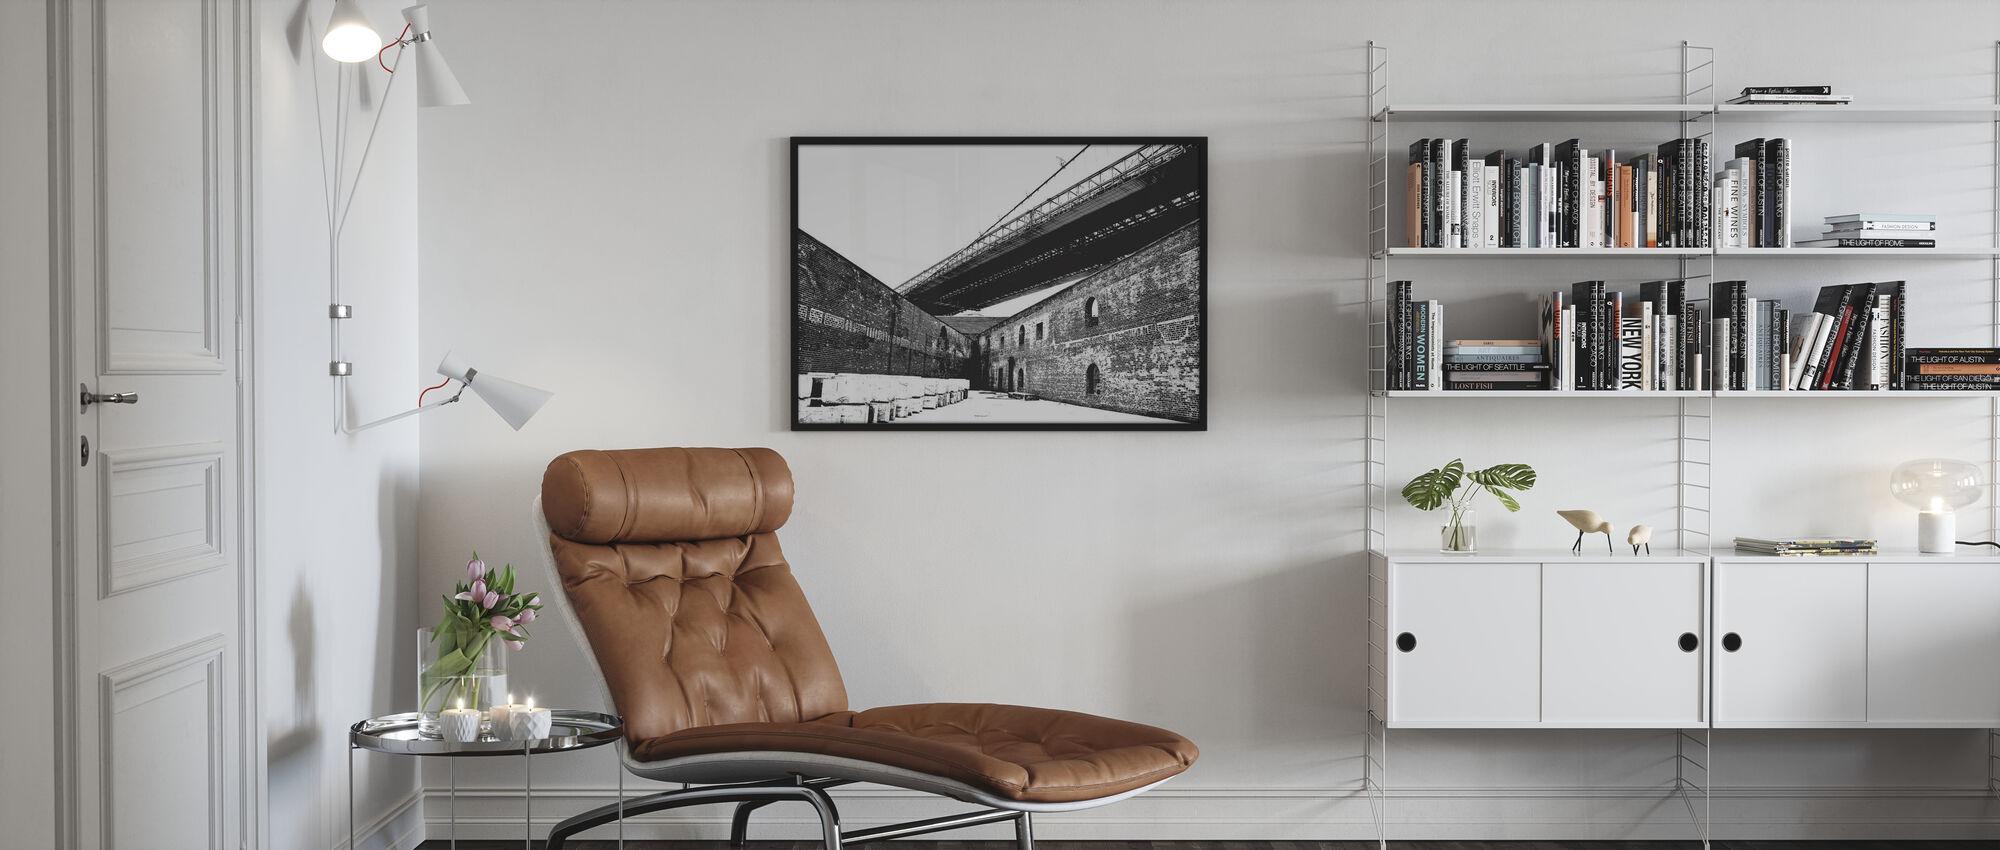 Struktur - Poster - Vardagsrum